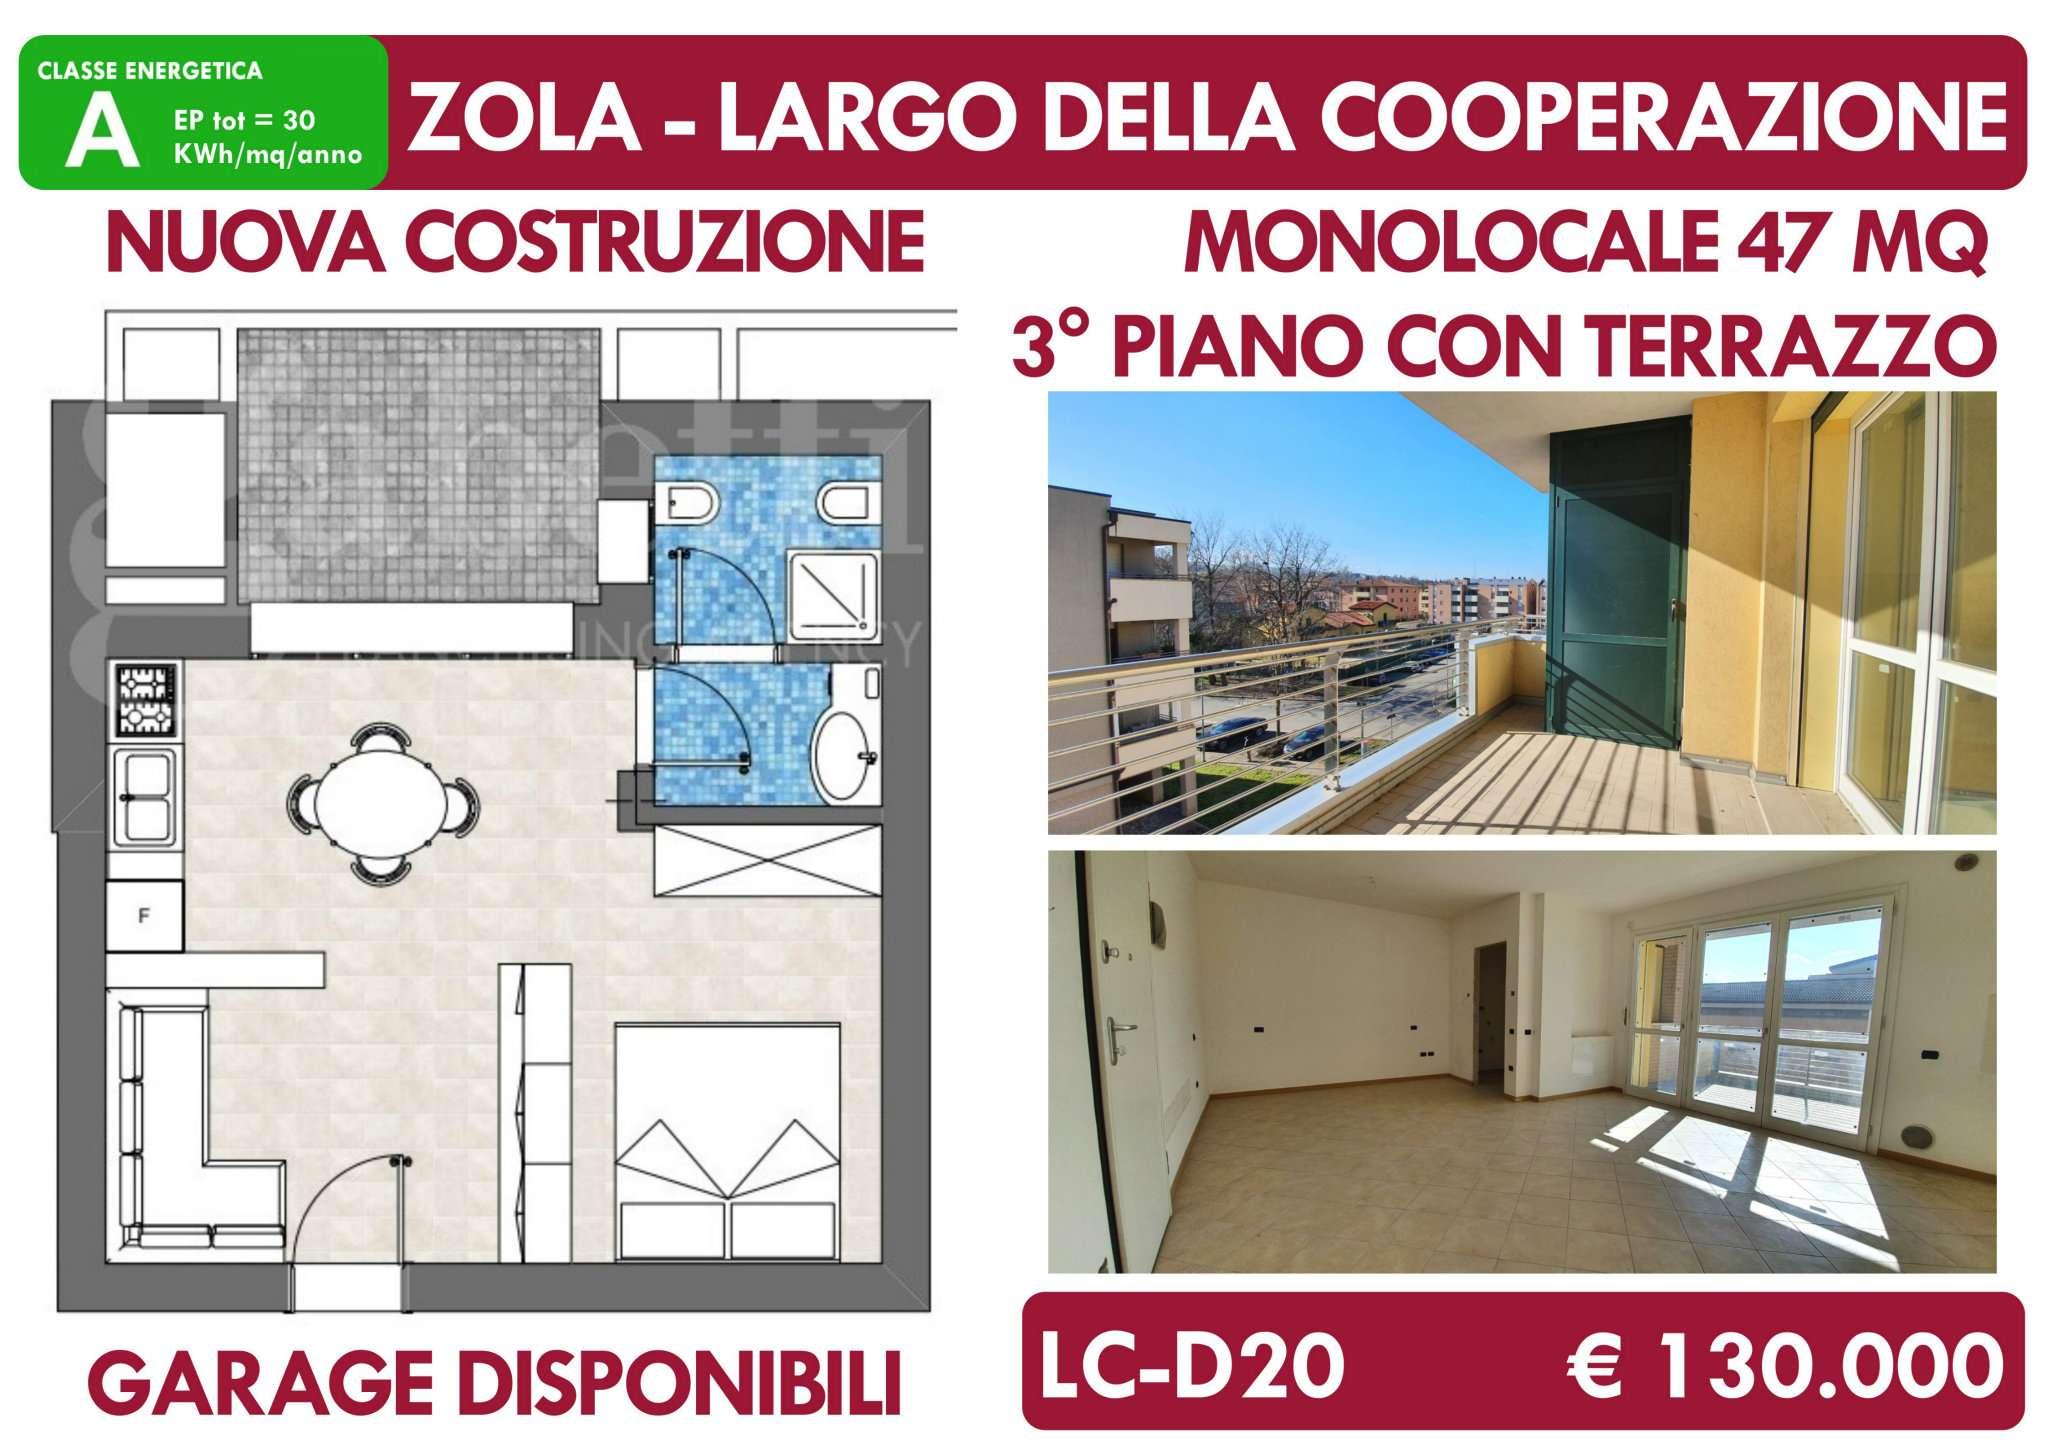 Appartamento in vendita a Zola Predosa, 1 locali, prezzo € 130.000 | PortaleAgenzieImmobiliari.it